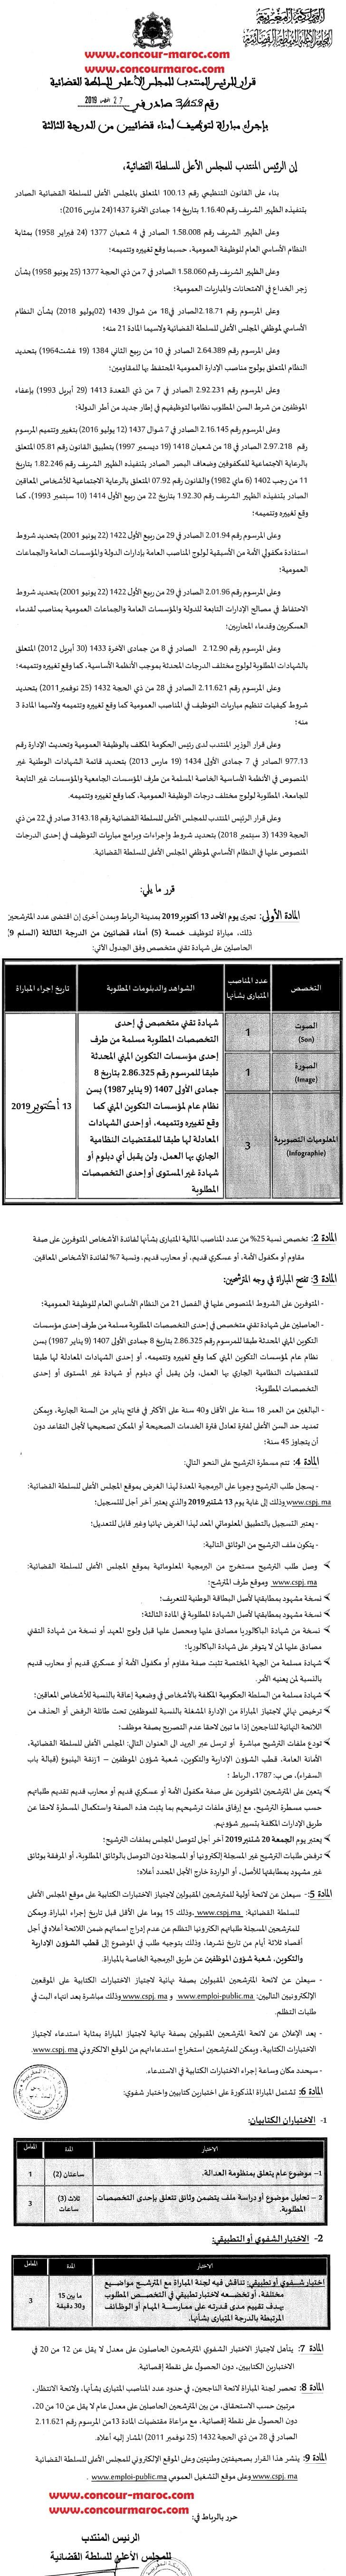 المجلس الأعلى للسلطة القضائية : مباراة لتوظيف 05 مناصب للحاصلين على دبلوم تقني متخصص آخر أجل لإيداع الترشيحات 20 شتنبر 2019 Aaya_a12